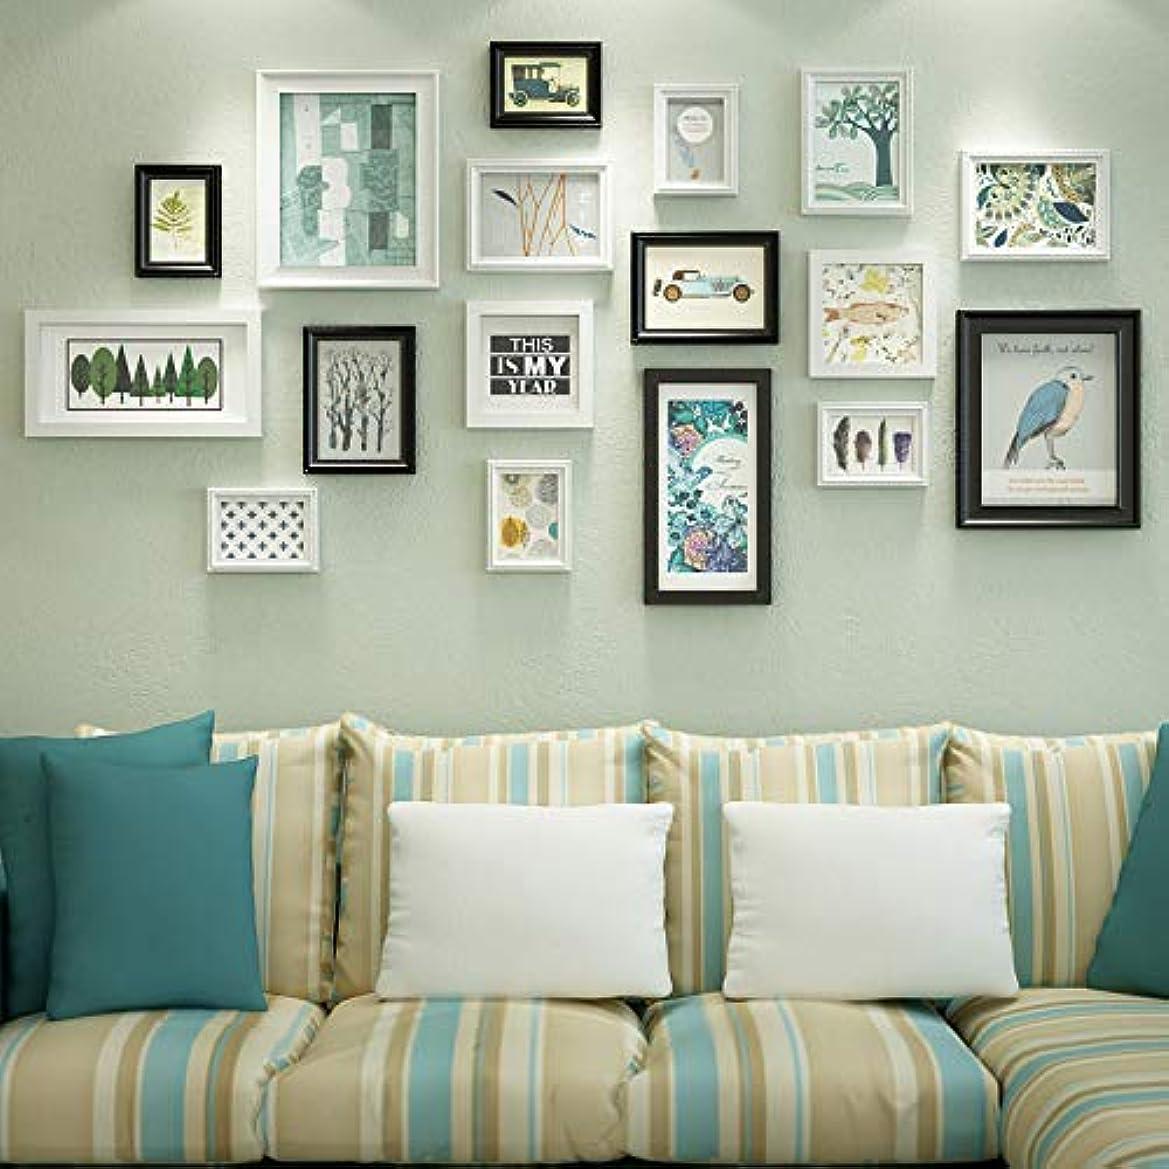 受取人普通の立証する無垢材の壁の写真フォトフレームコラージュセット、13の写真フレーム、複数の大きなギャラリーフレーム、創造的なリビングルームのダイニングルームの背景の壁の装飾、B